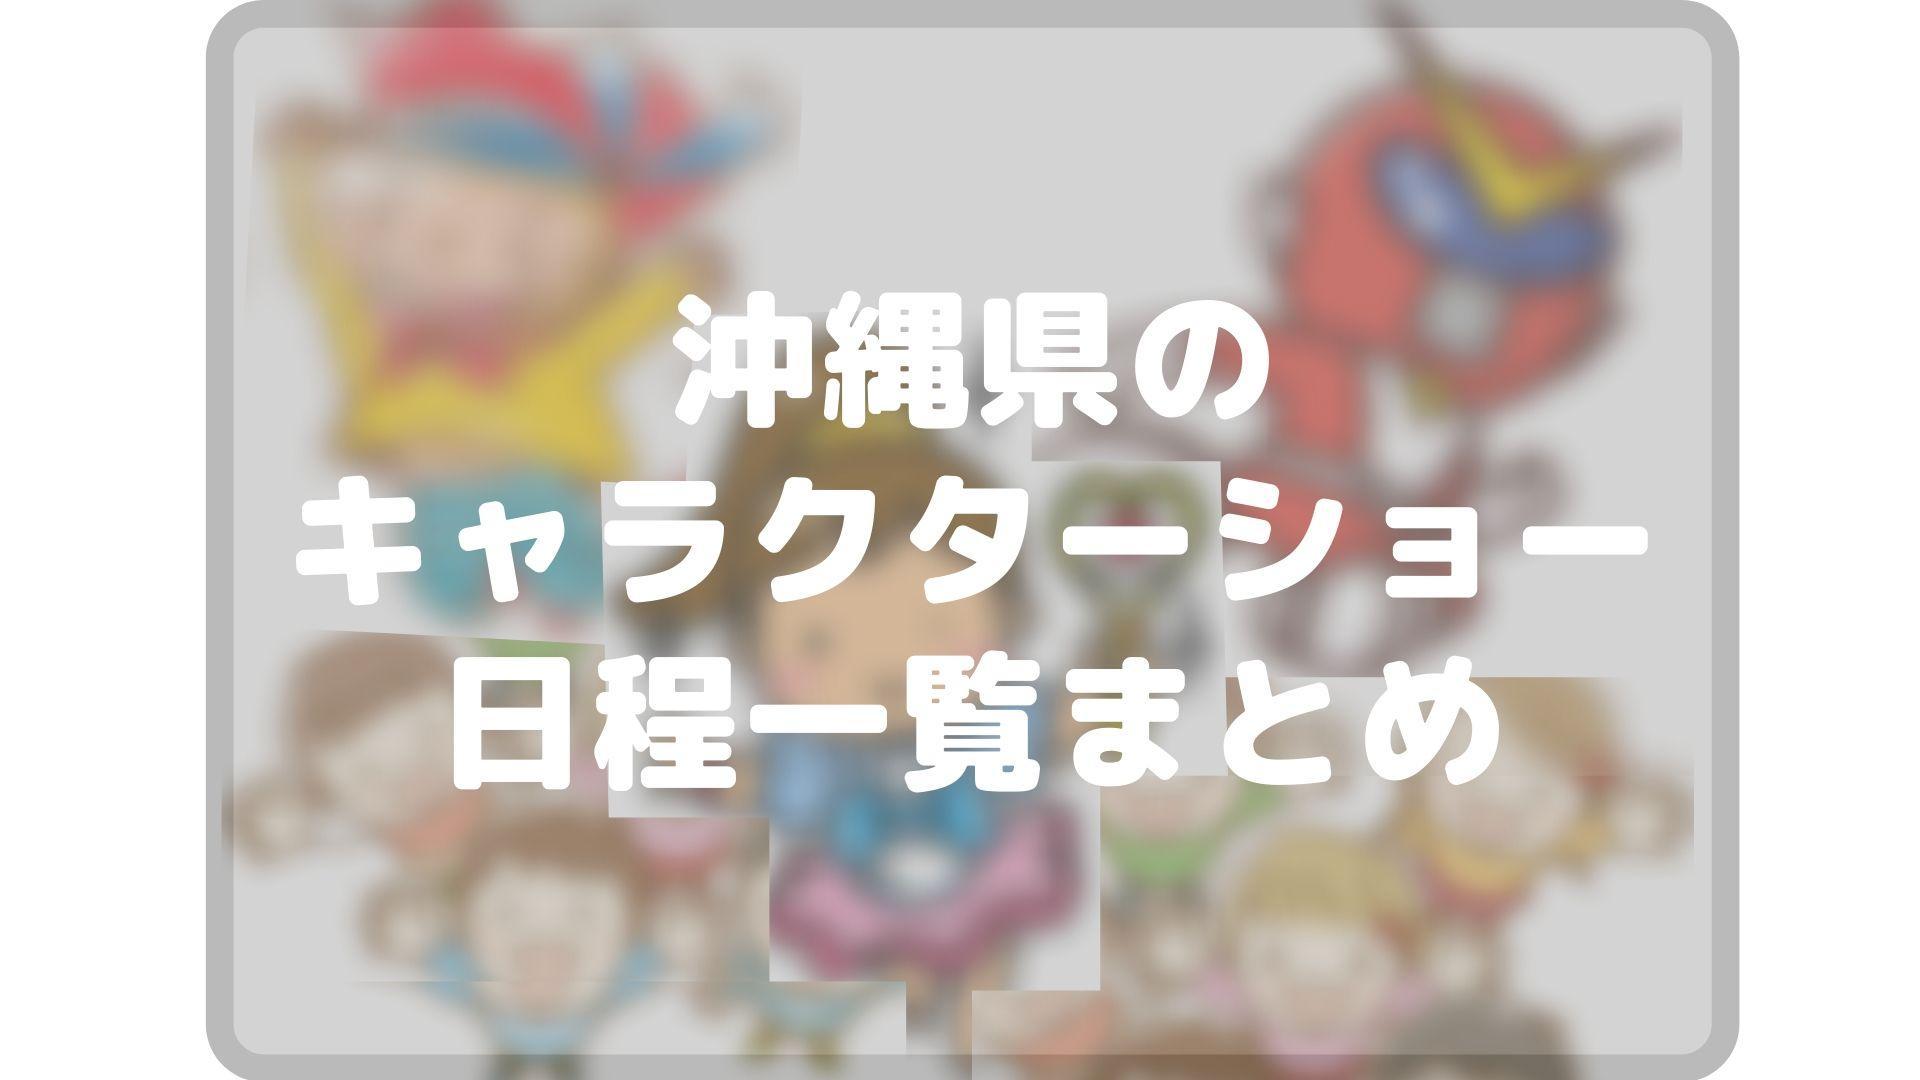 沖縄県のキャラクターショーまとめタイトル画像